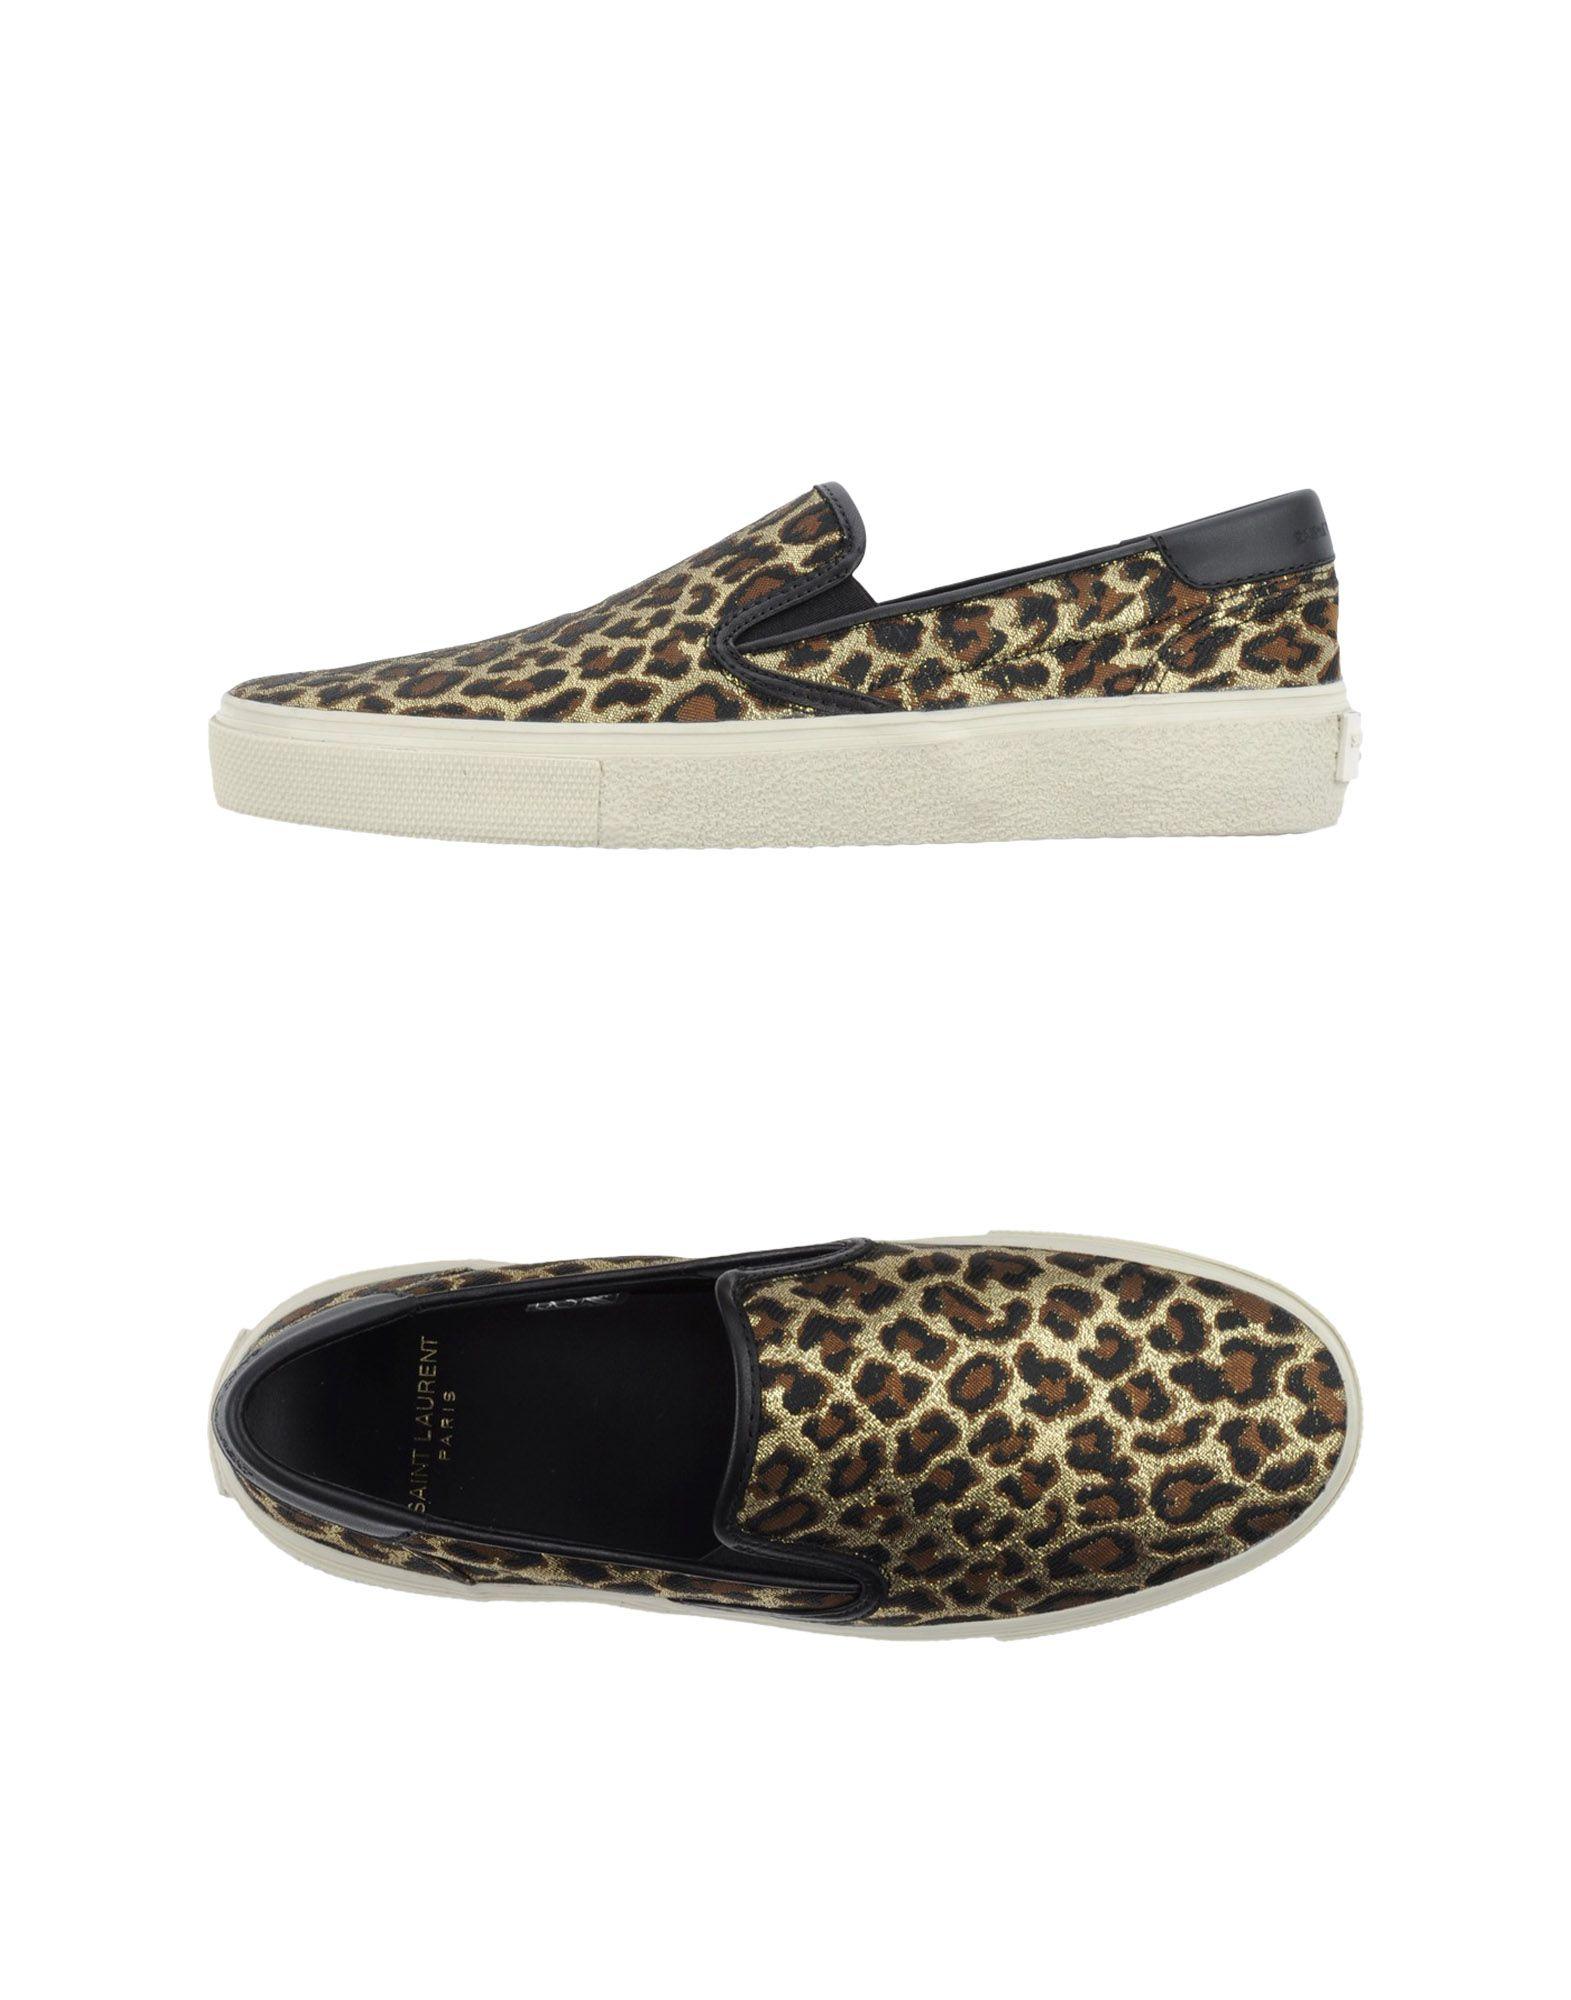 Rabatt Schuhe Saint Laurent  Sneakers Damen  Laurent 44821755MD ac6f91